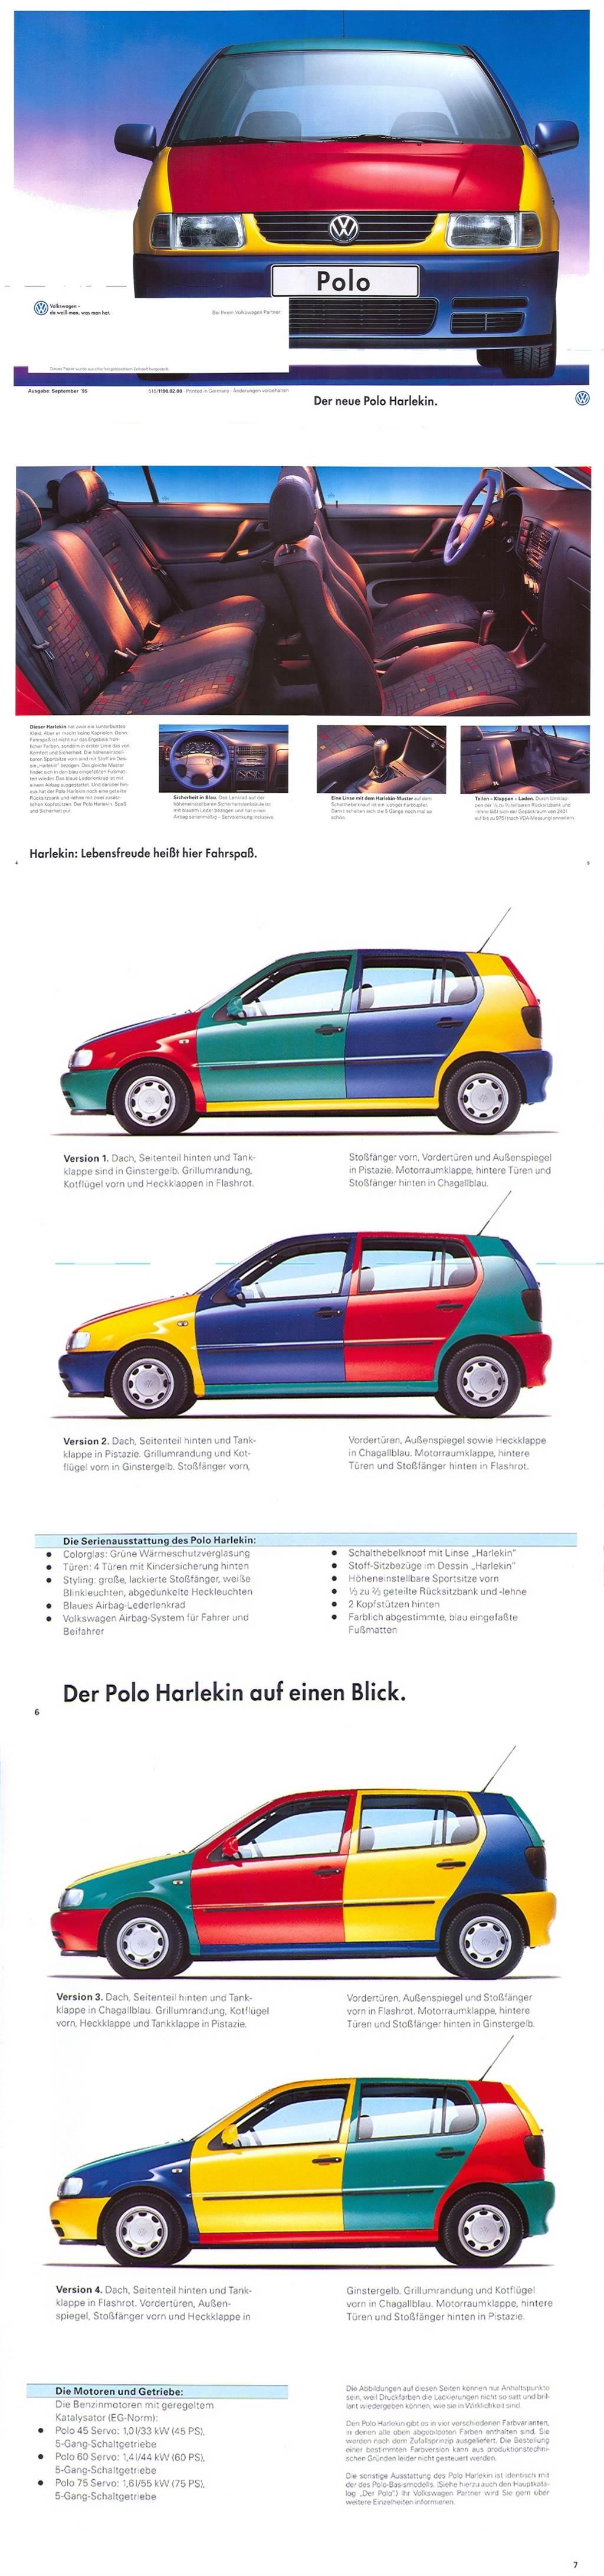 四色彩繪車重出江湖!荷蘭 Volkswagen 推出獨一無二「Polo Harlekin」!